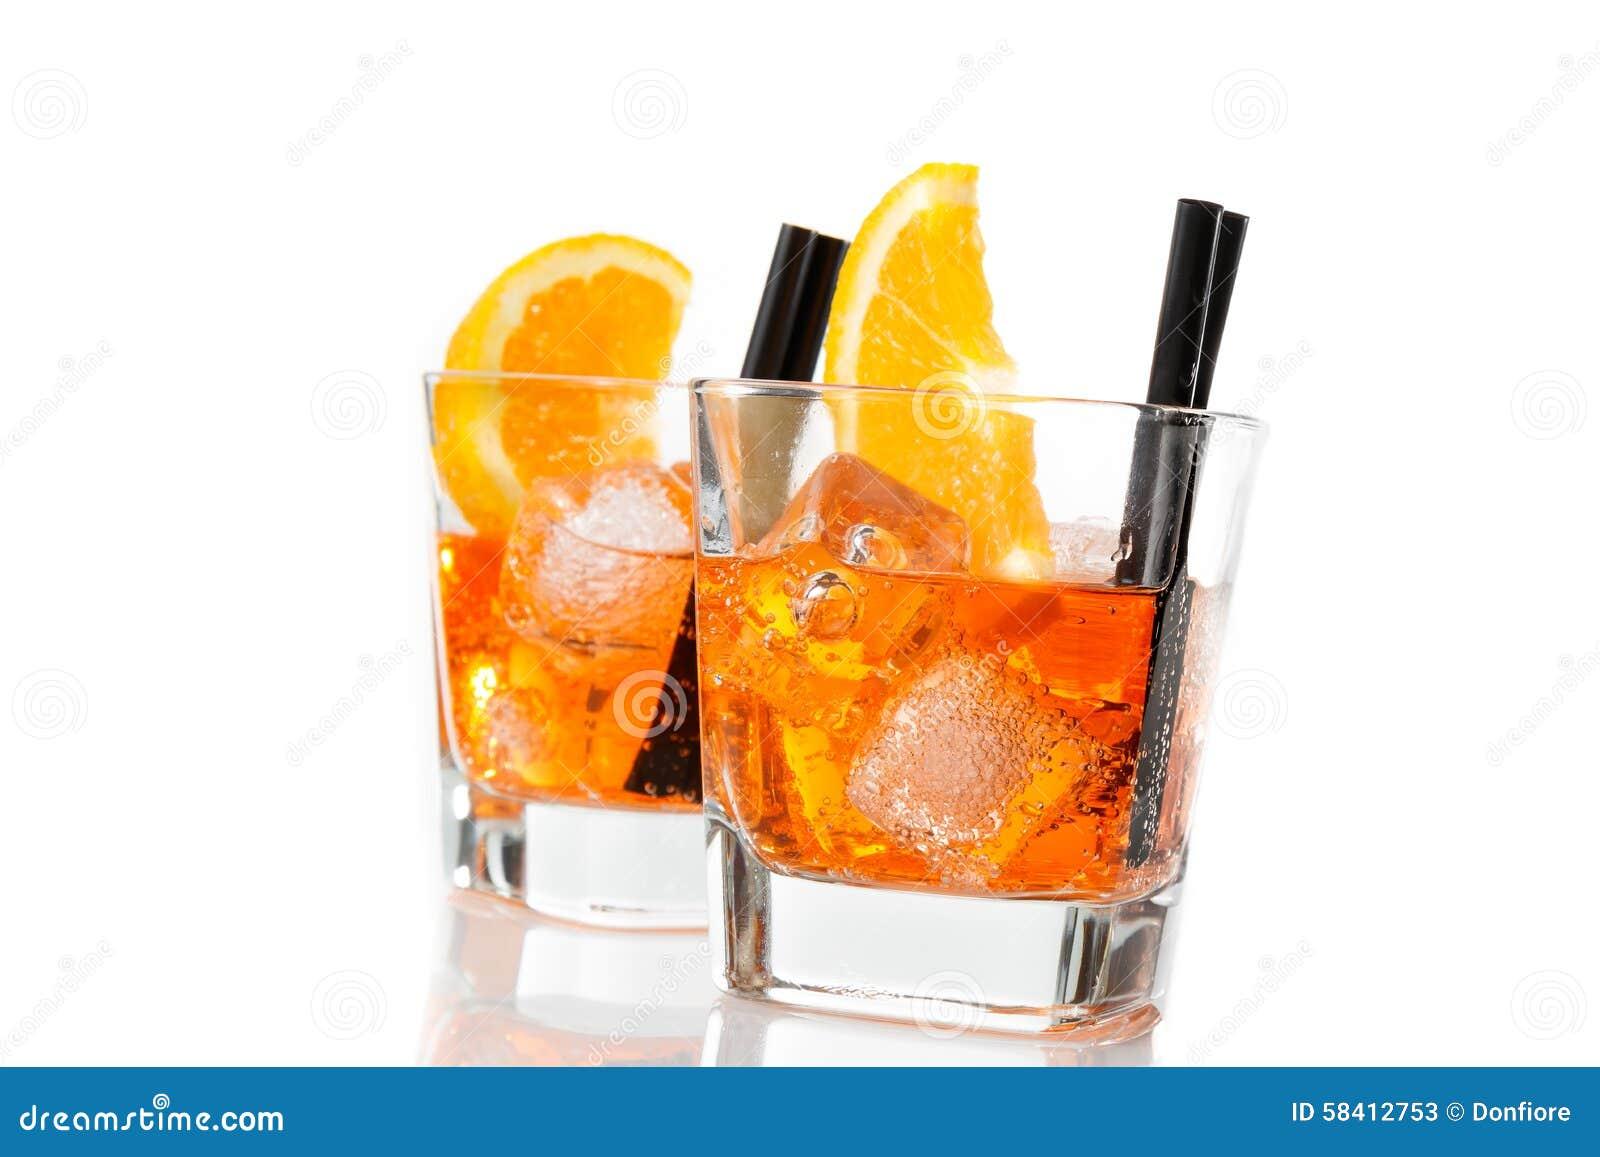 Zwei Gläser Von Spritz Aperitif Aperol Cocktail Mit Orange Scheiben ...